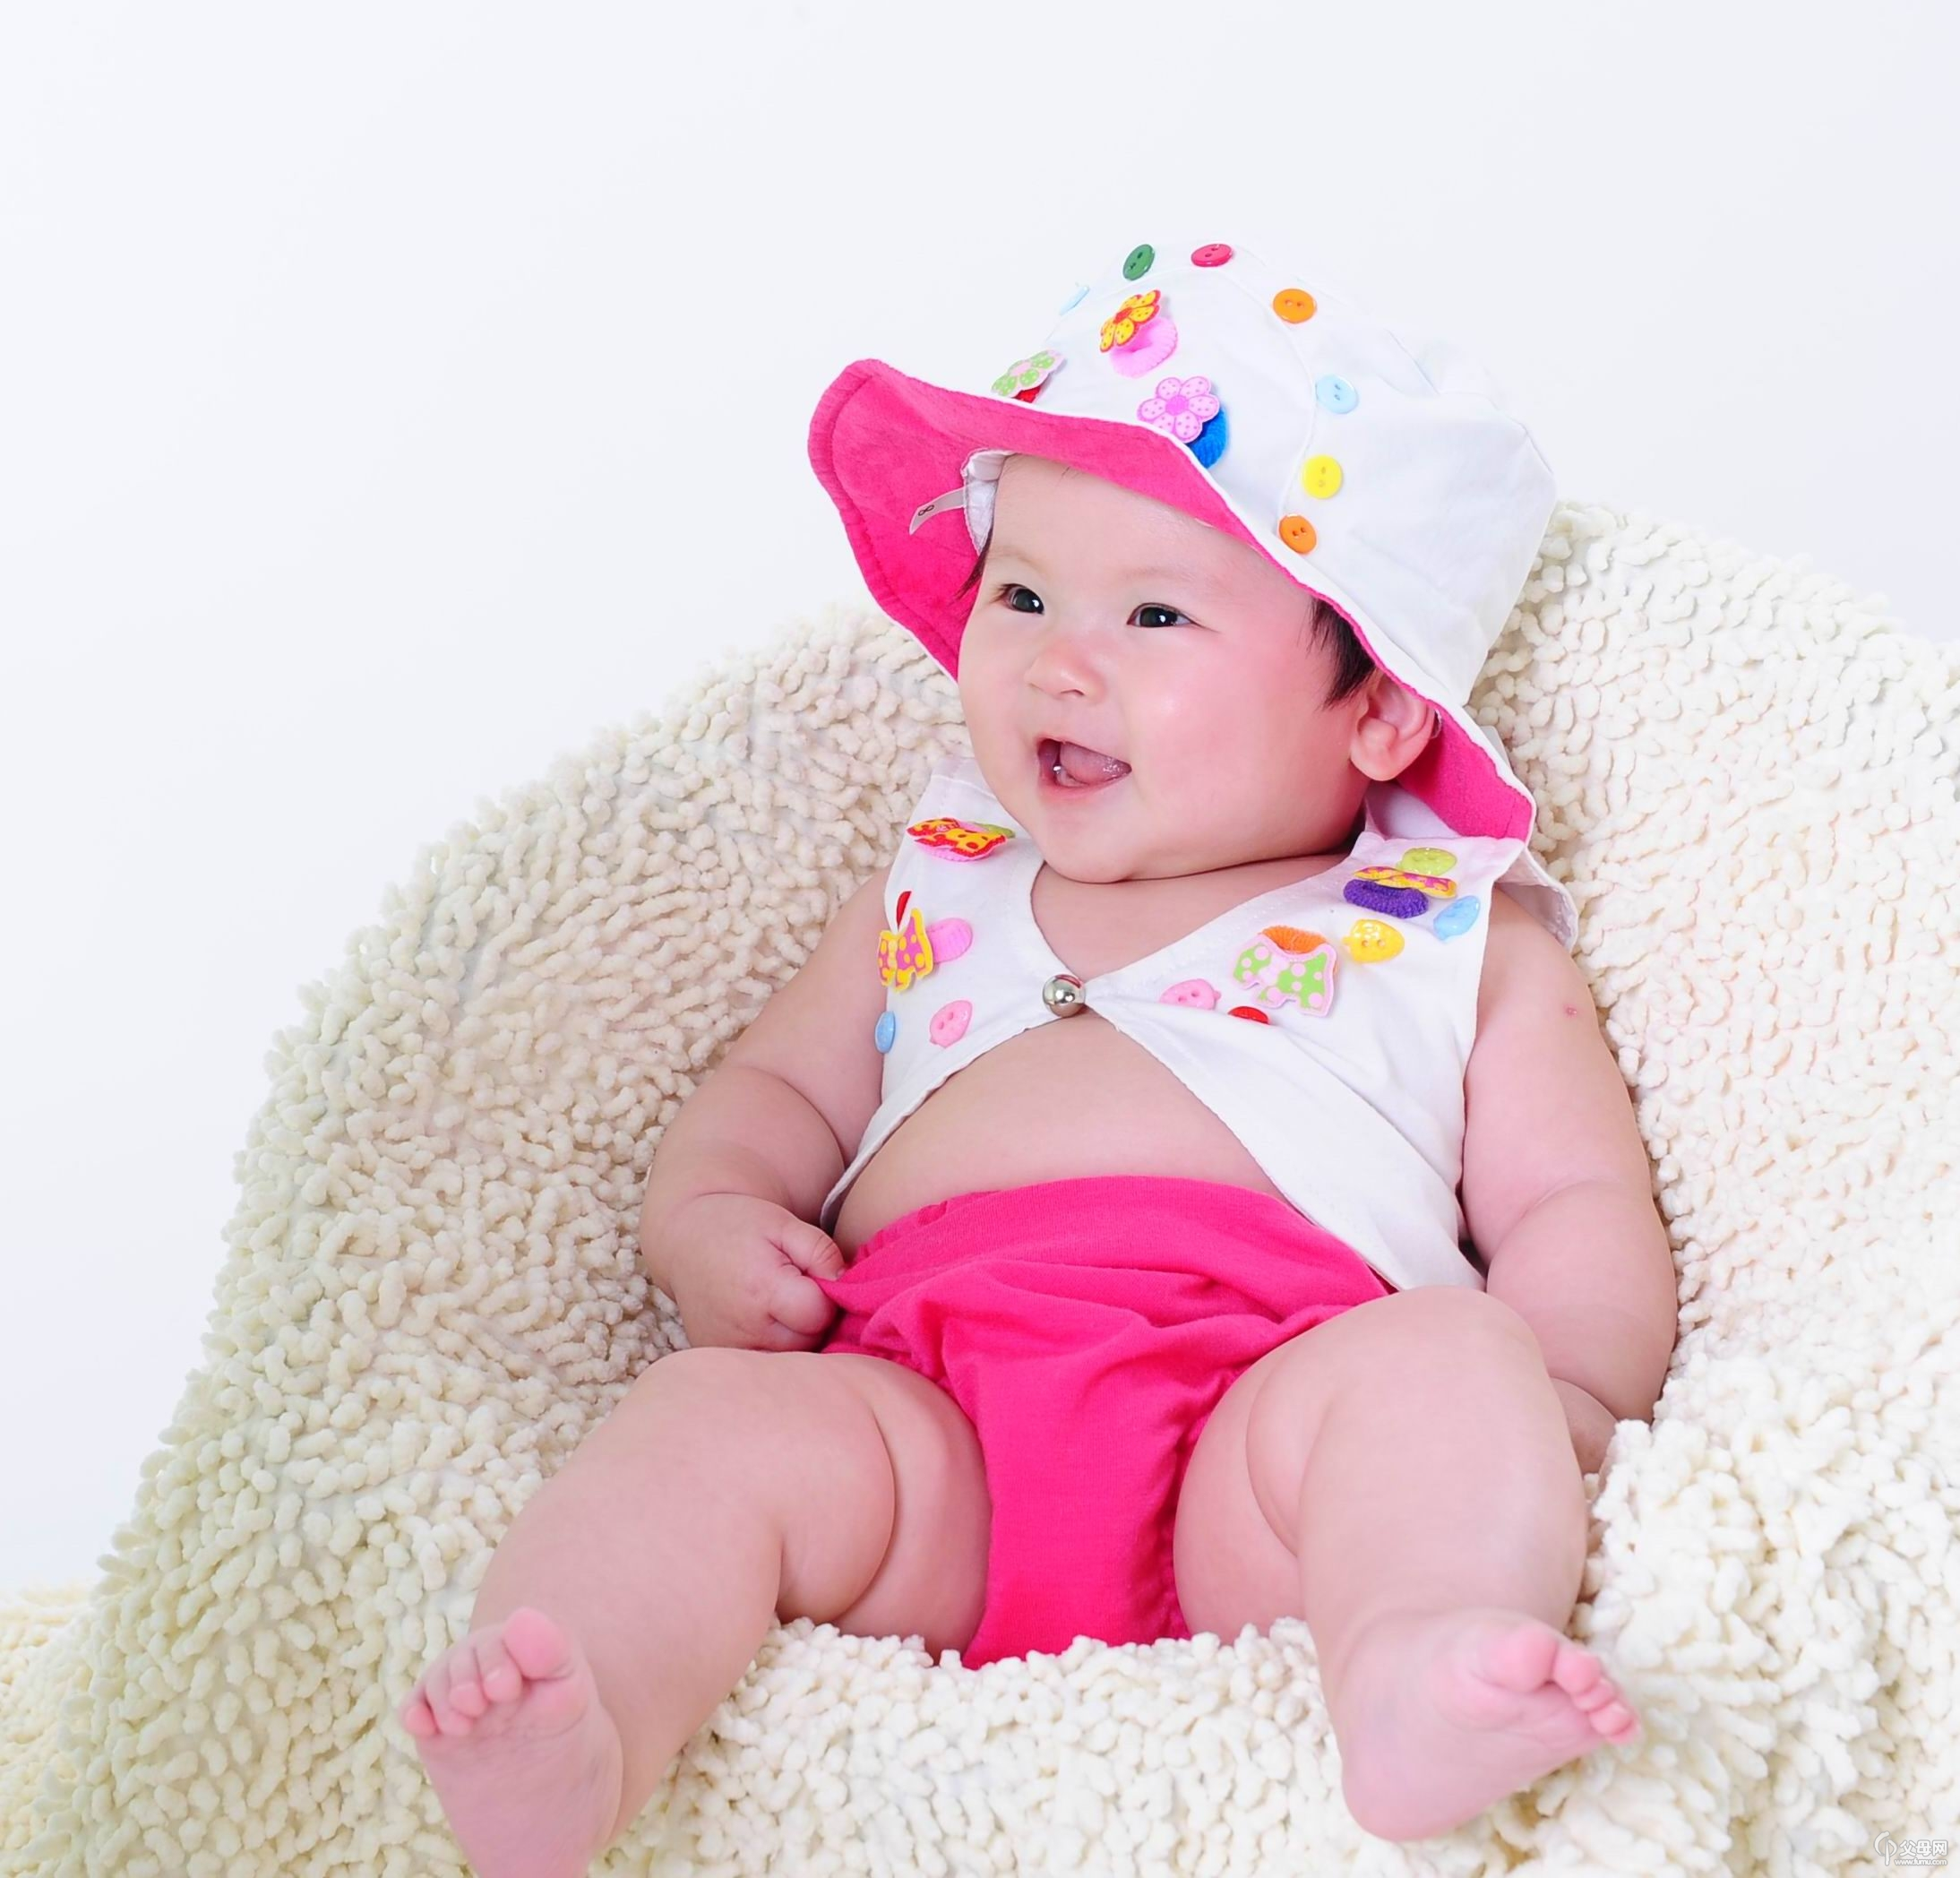 """3·8节献礼父母网与妈妈宝宝儿童摄影联合举办""""吻""""主题照片评选活动"""